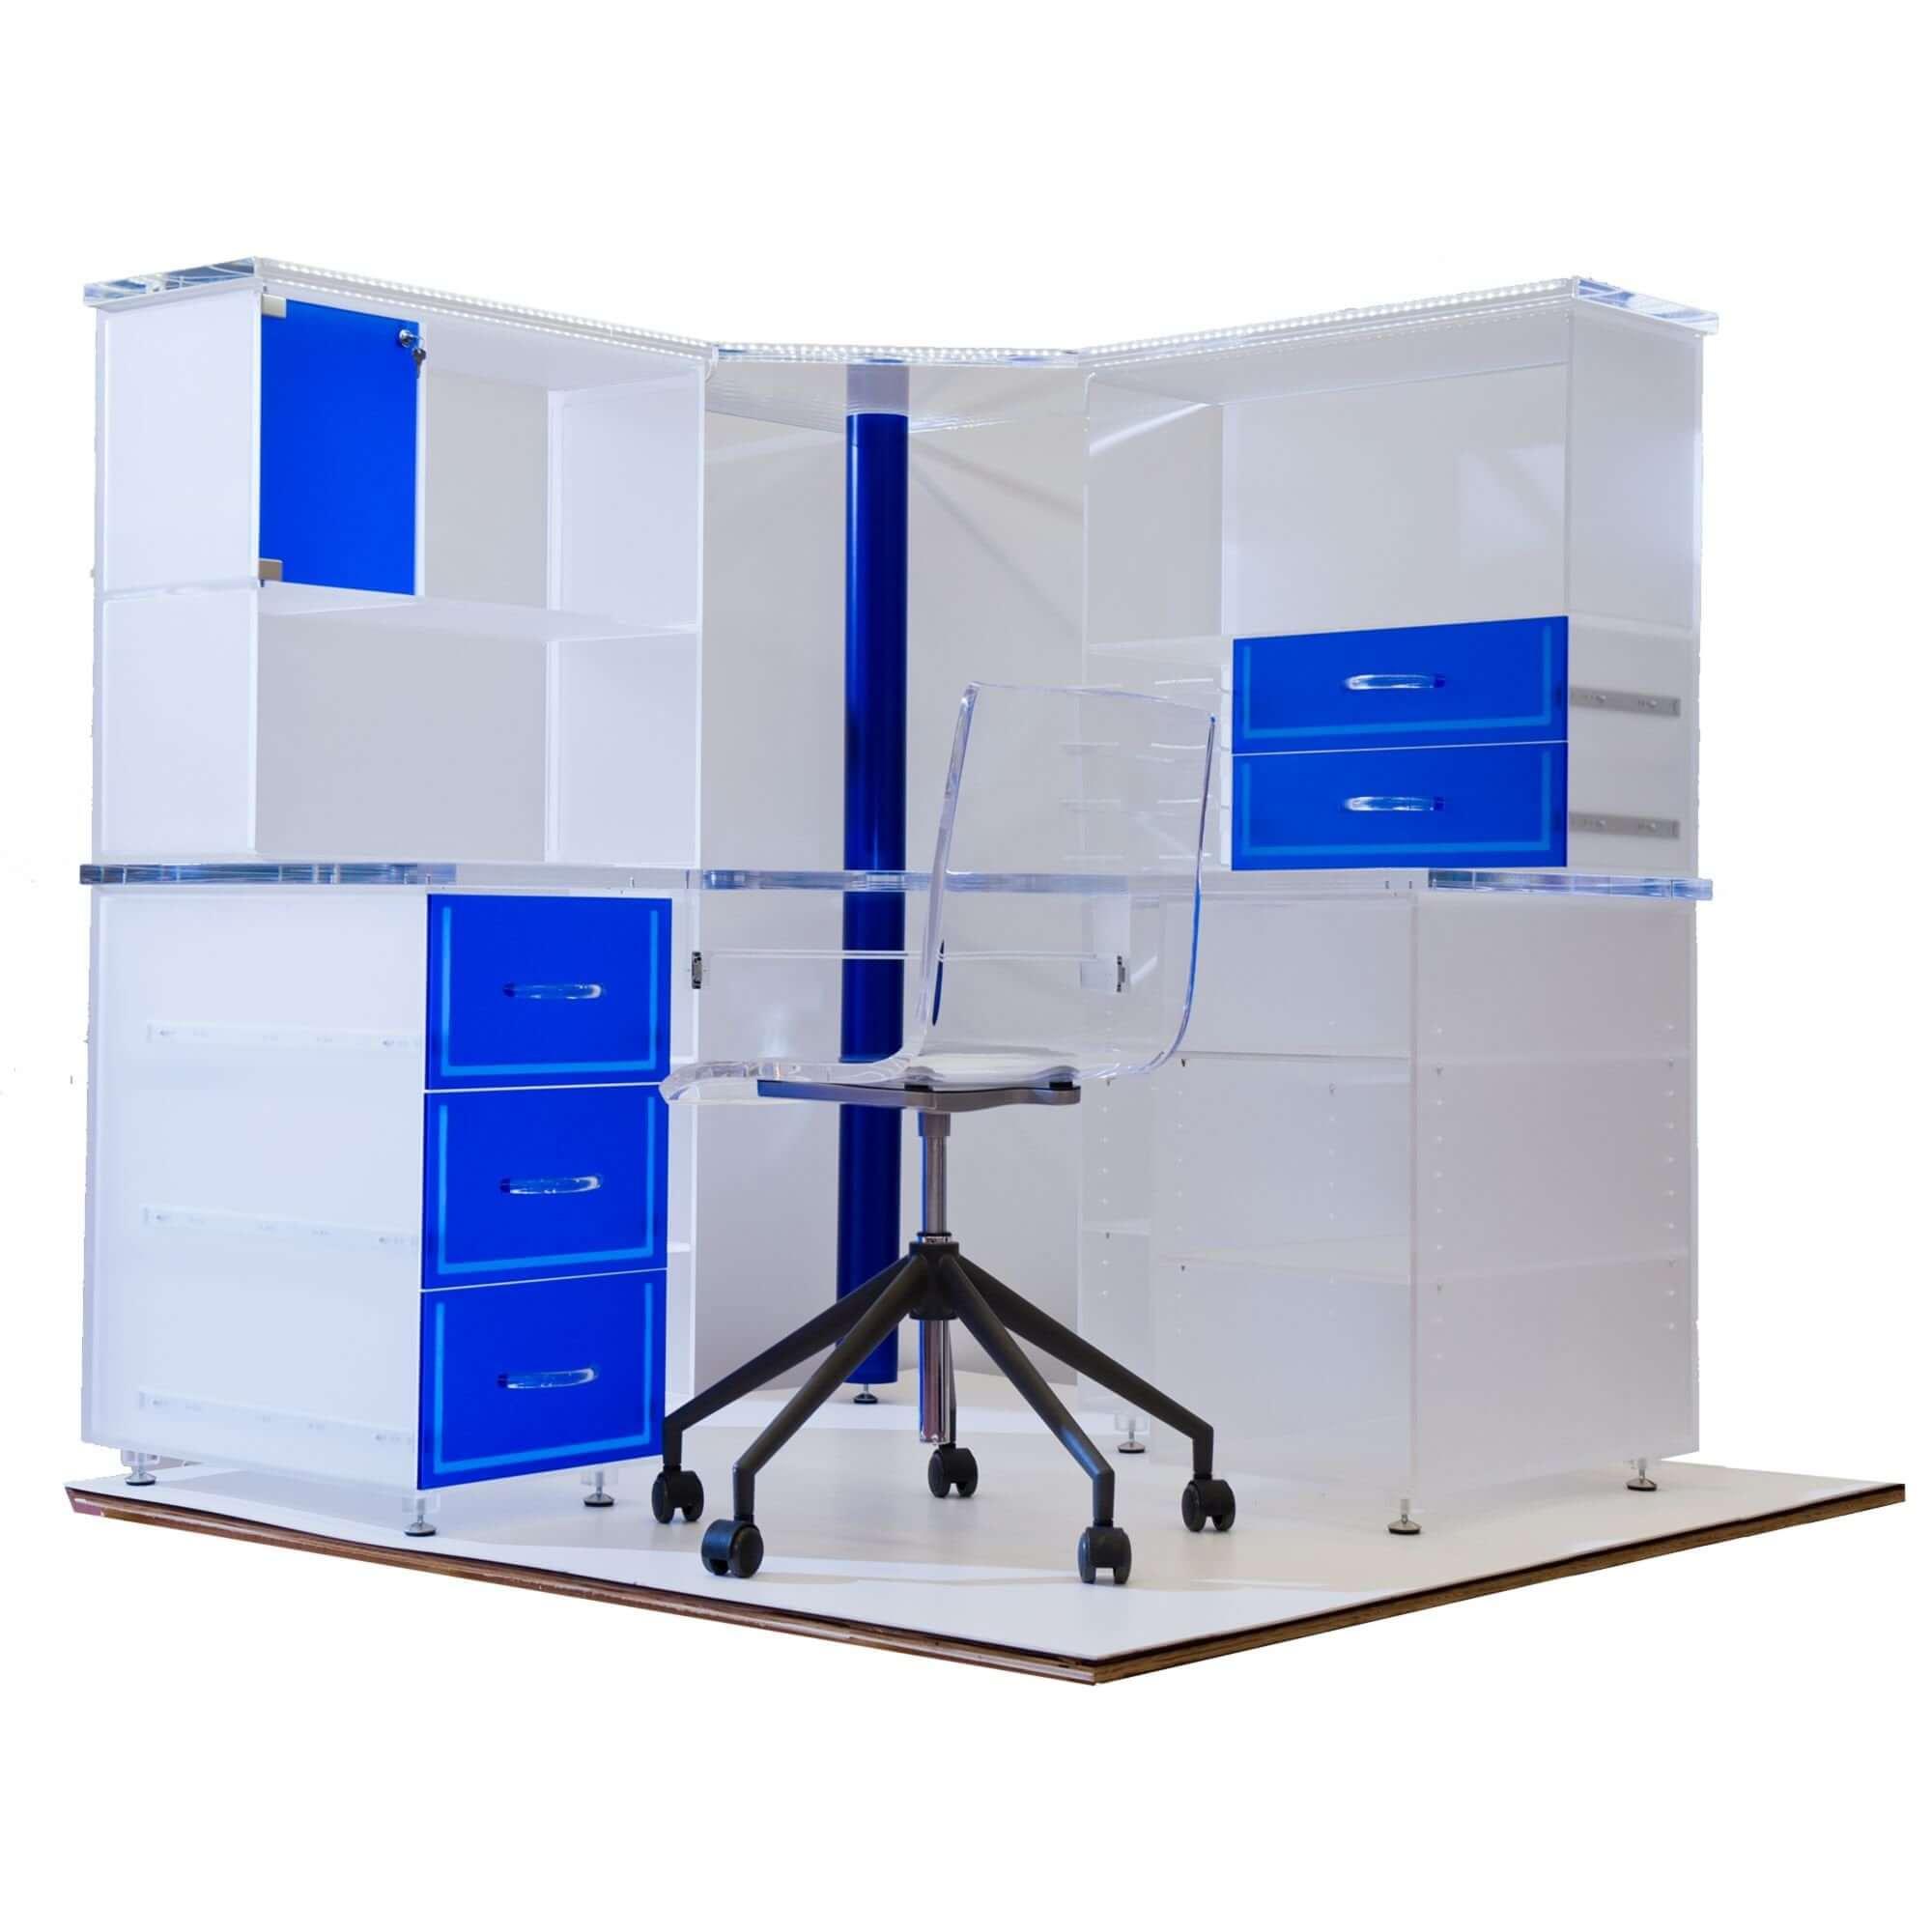 Meubles de bureau acryline faits de table acrylic de meubles table tables spéciaux sur mesure chaises corpus s bureau-bureau à la maison collé coupé au laser poli percé